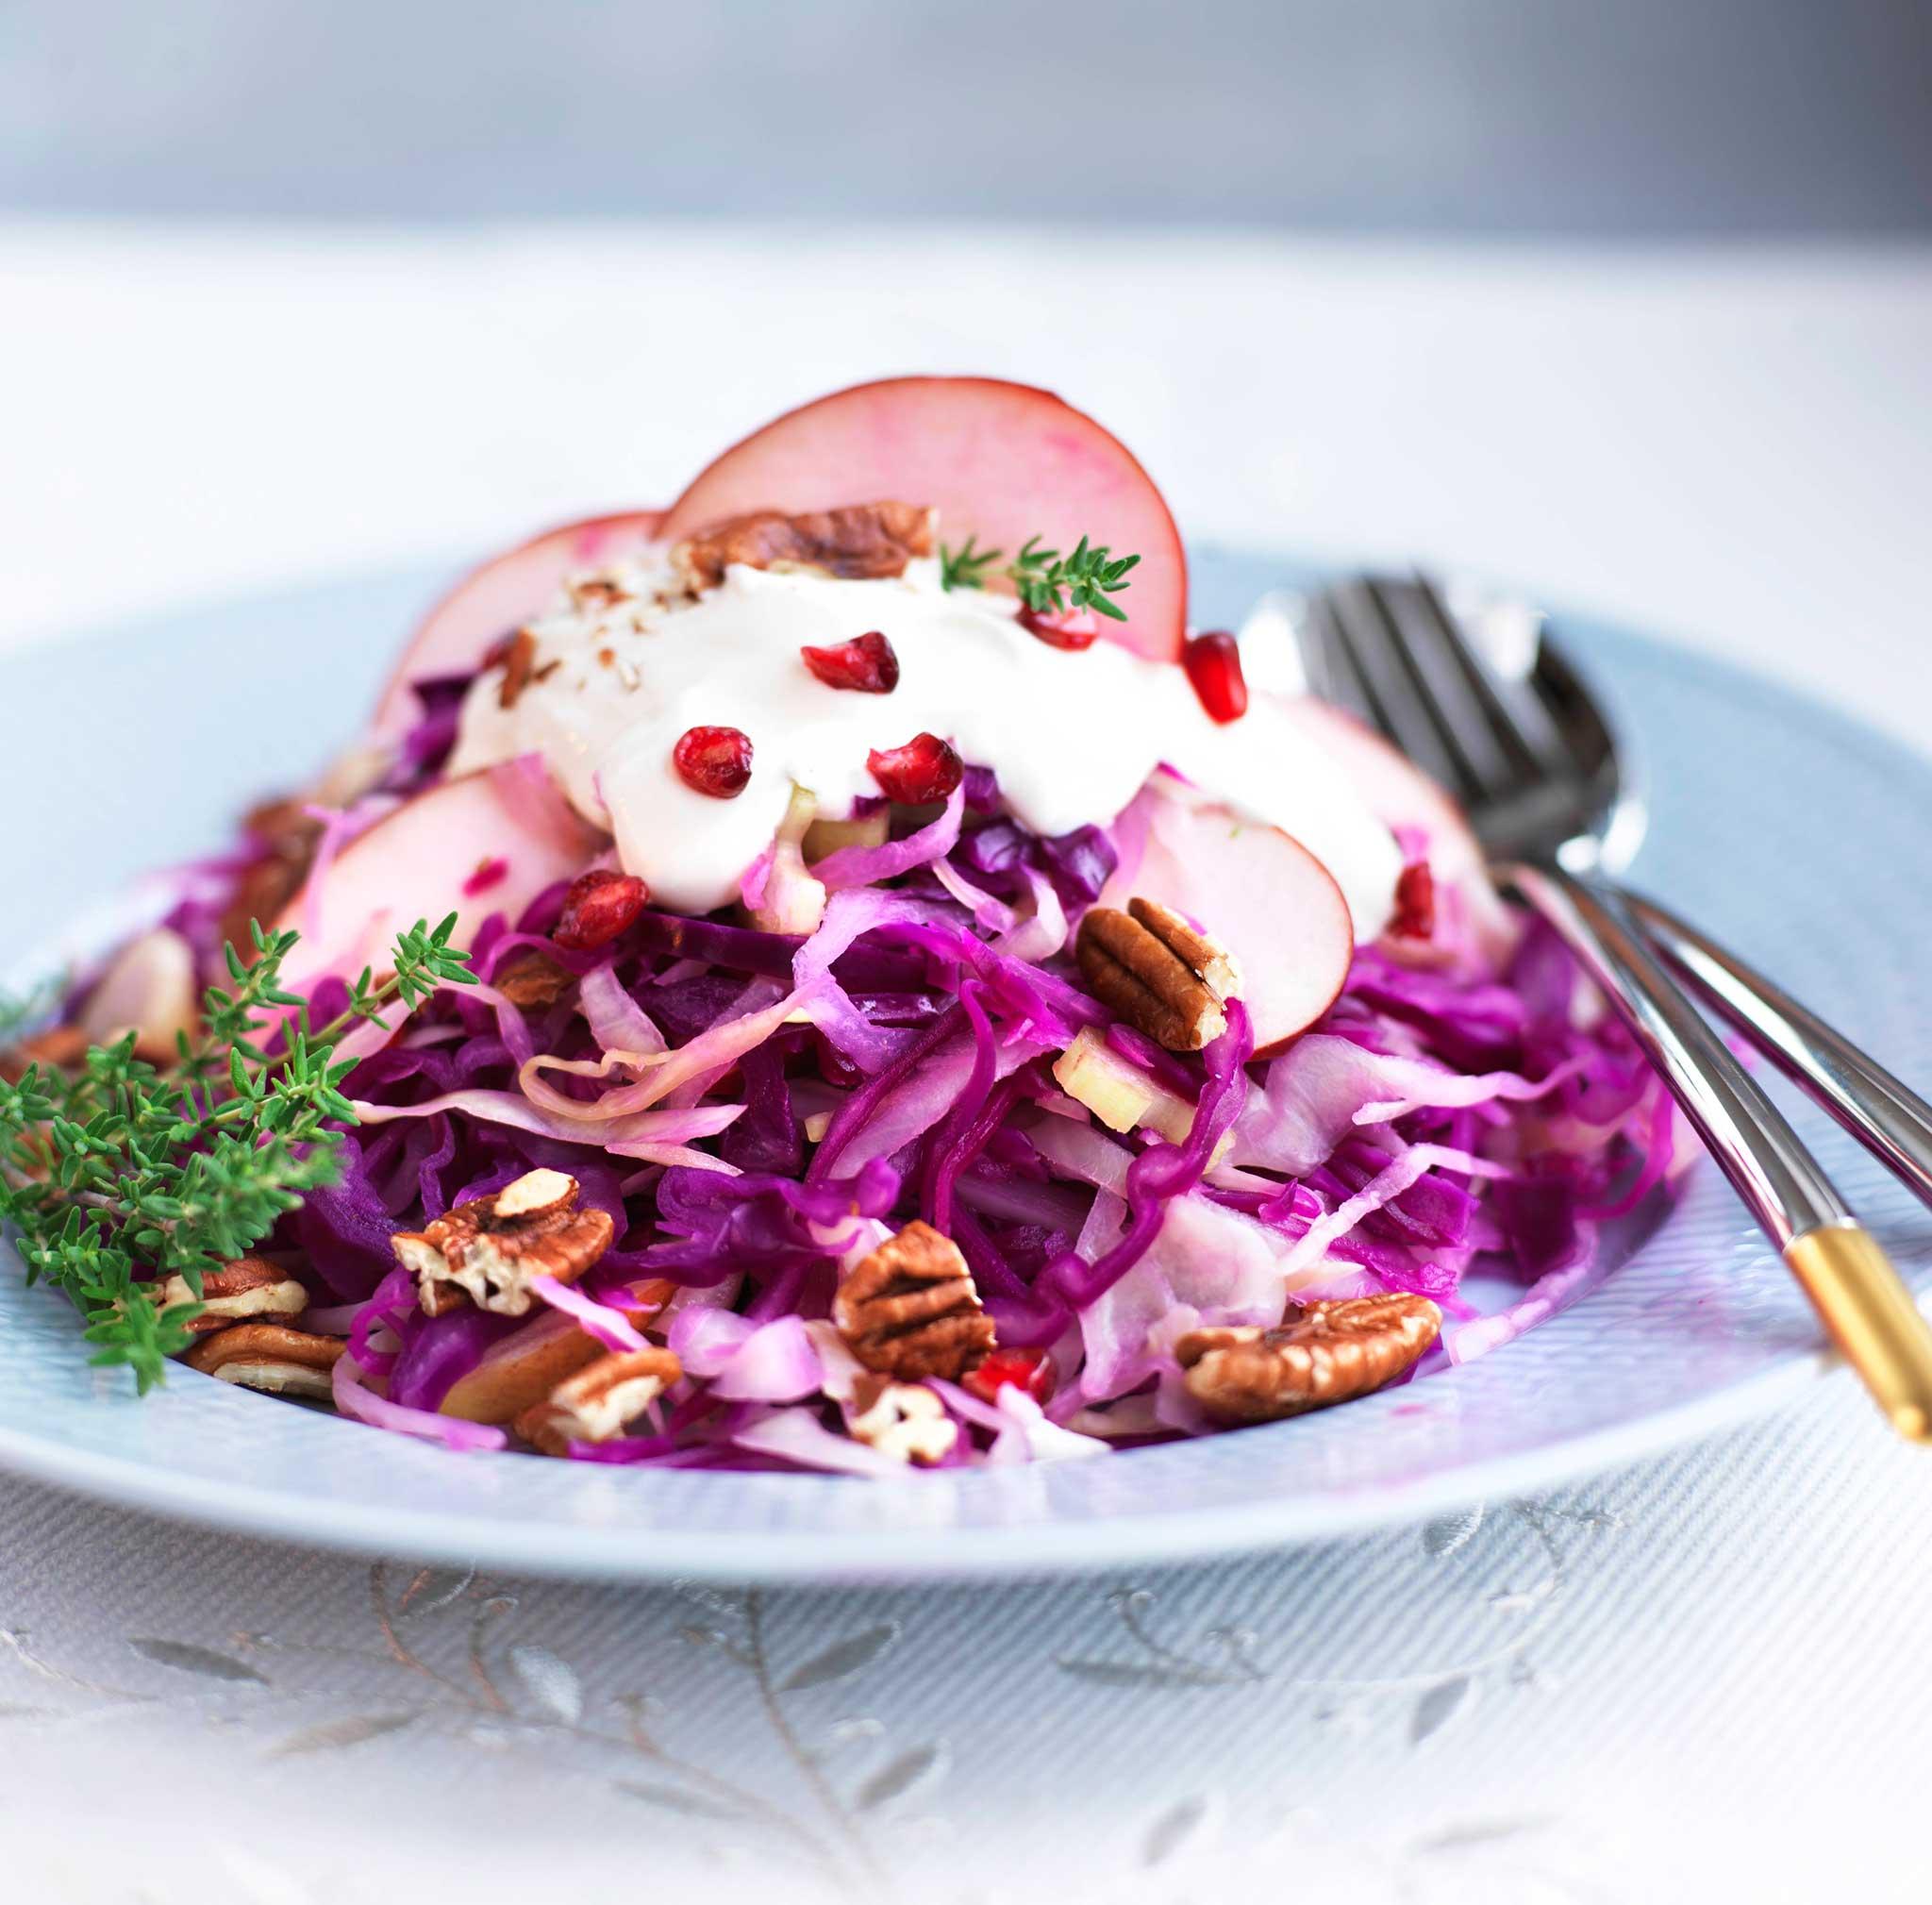 jouluinen coleslaw